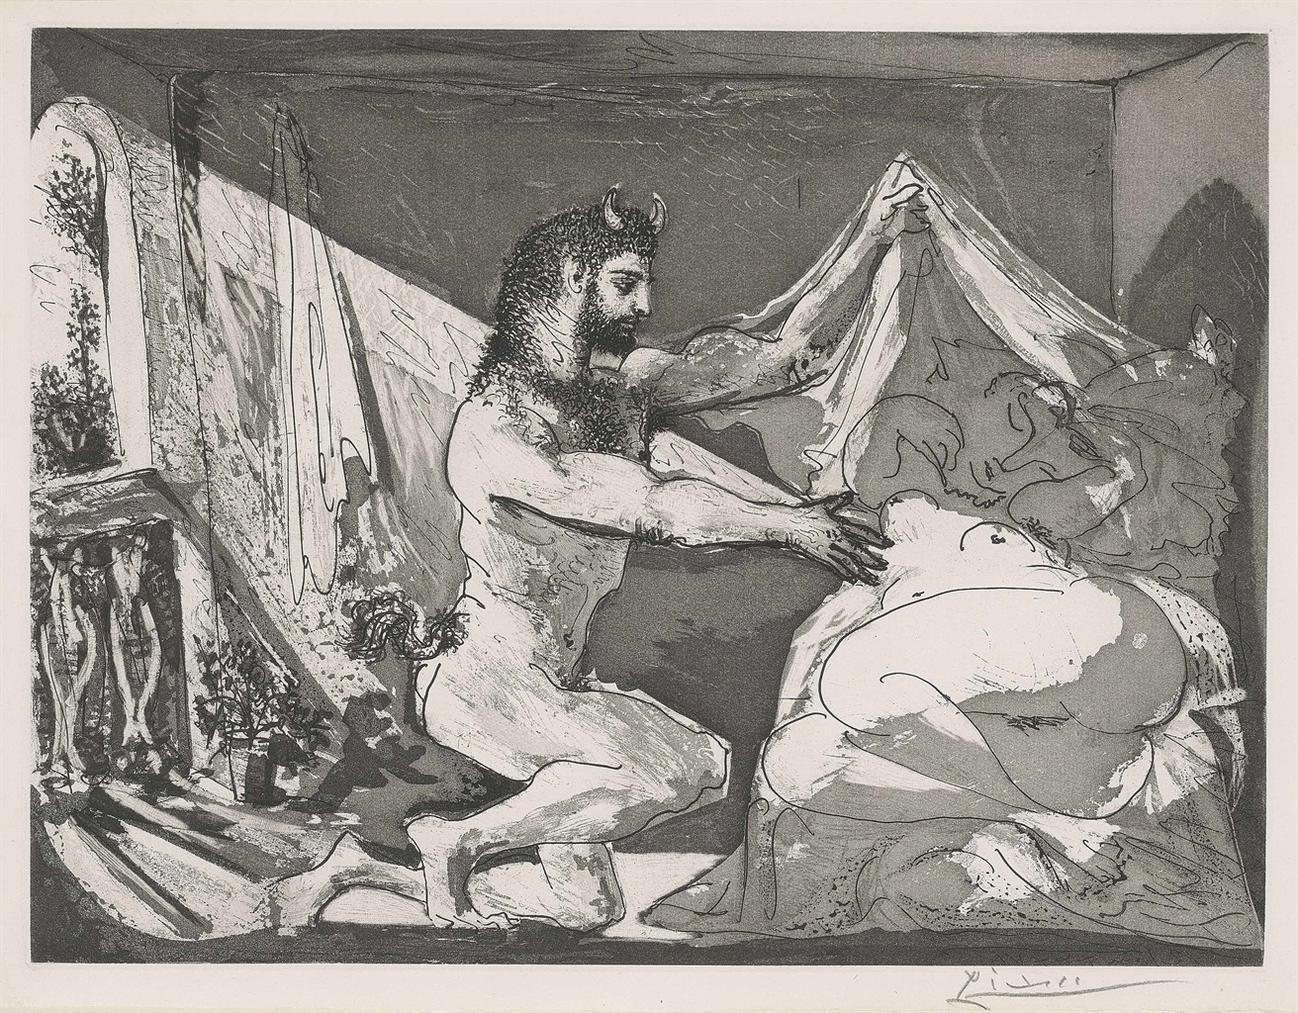 Pablo Picasso-Faune Devoilant Une Femme, From: La Suite Vollard-1936